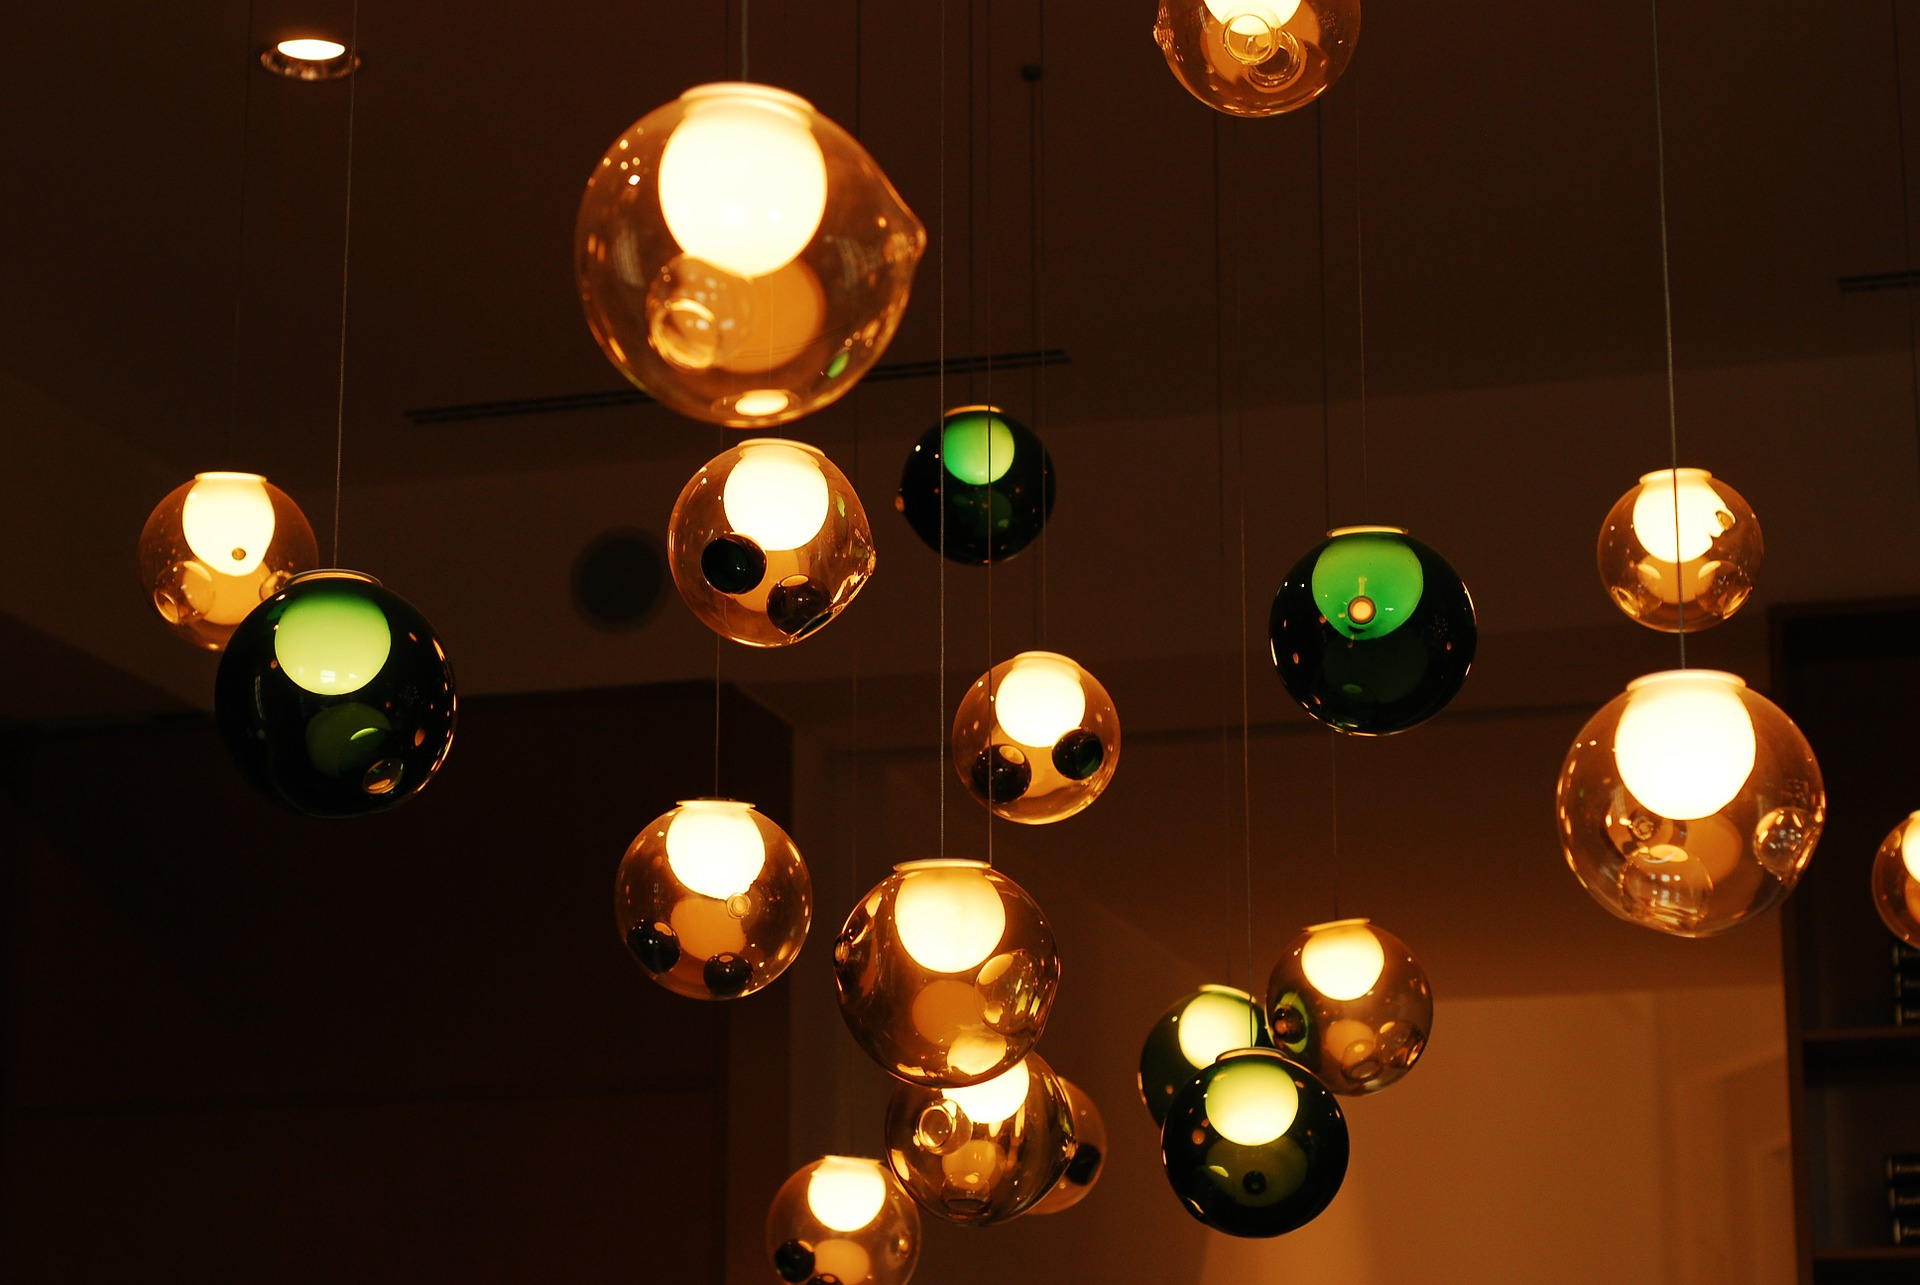 Licht zorgt voor warmte en geborgenheid (Foto: Pixabay)